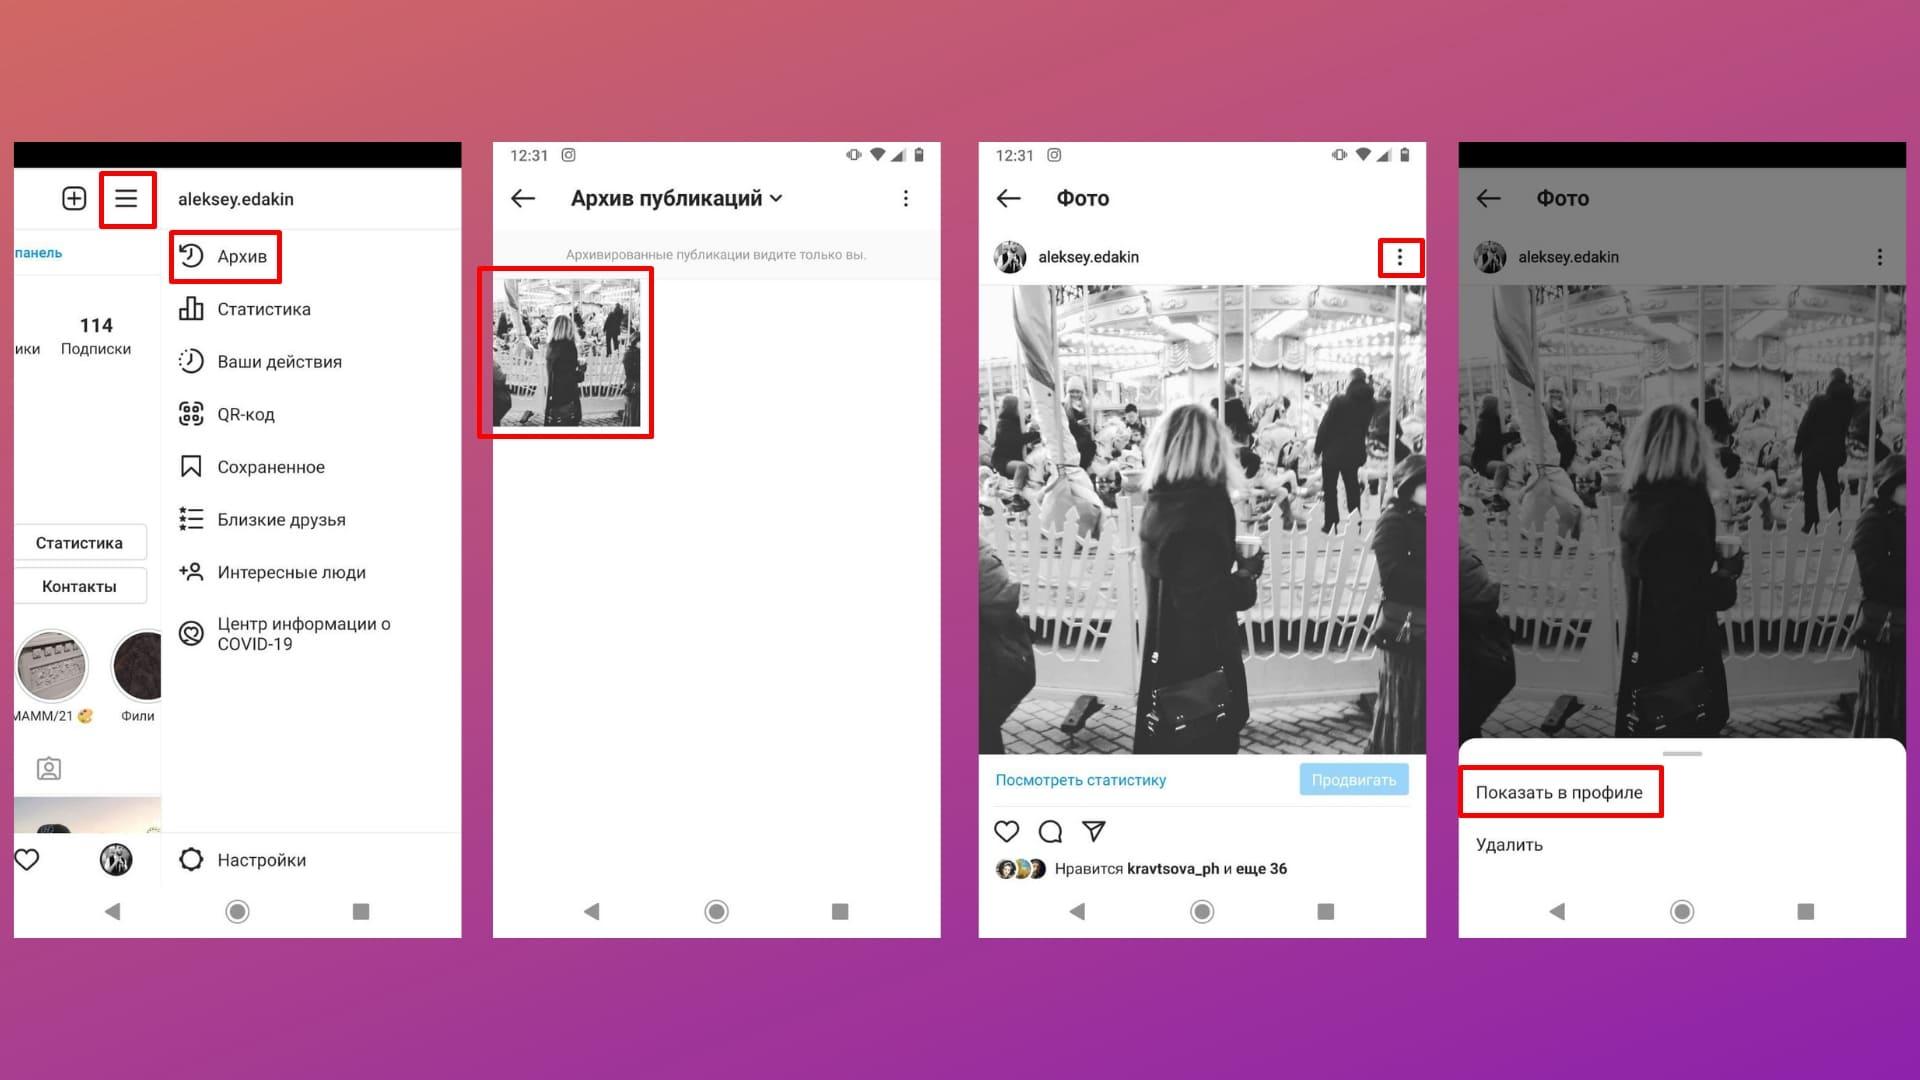 Как вернуть пост из архива в Инстаграме